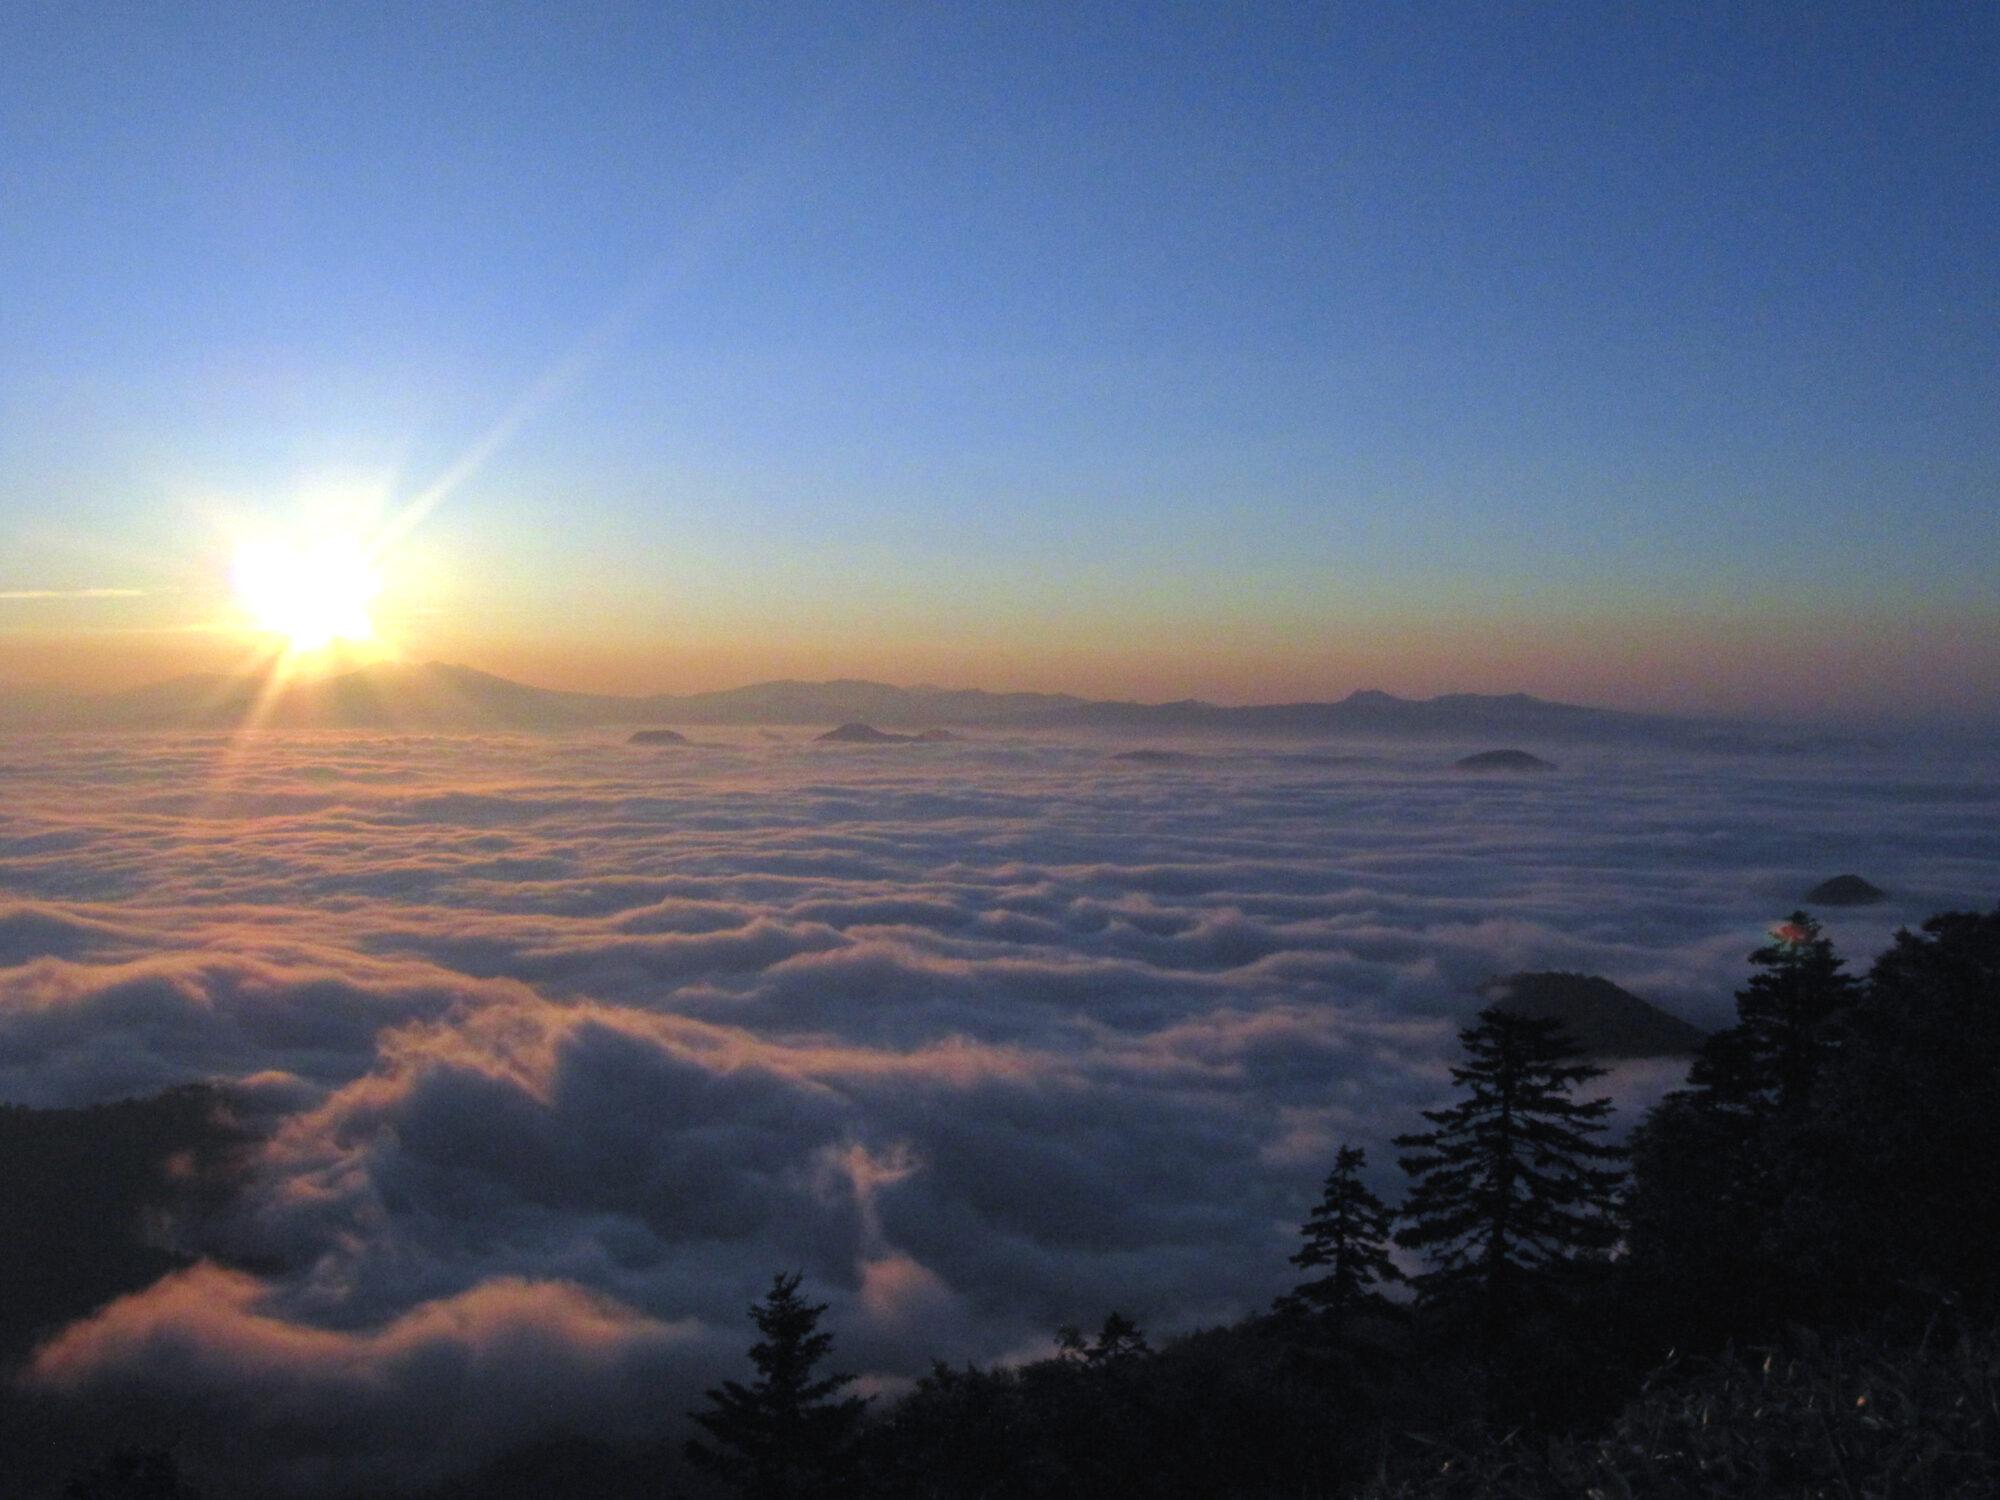 温泉宿から行く「雲海ツアー」で幻想的な雲の上の世界を体験